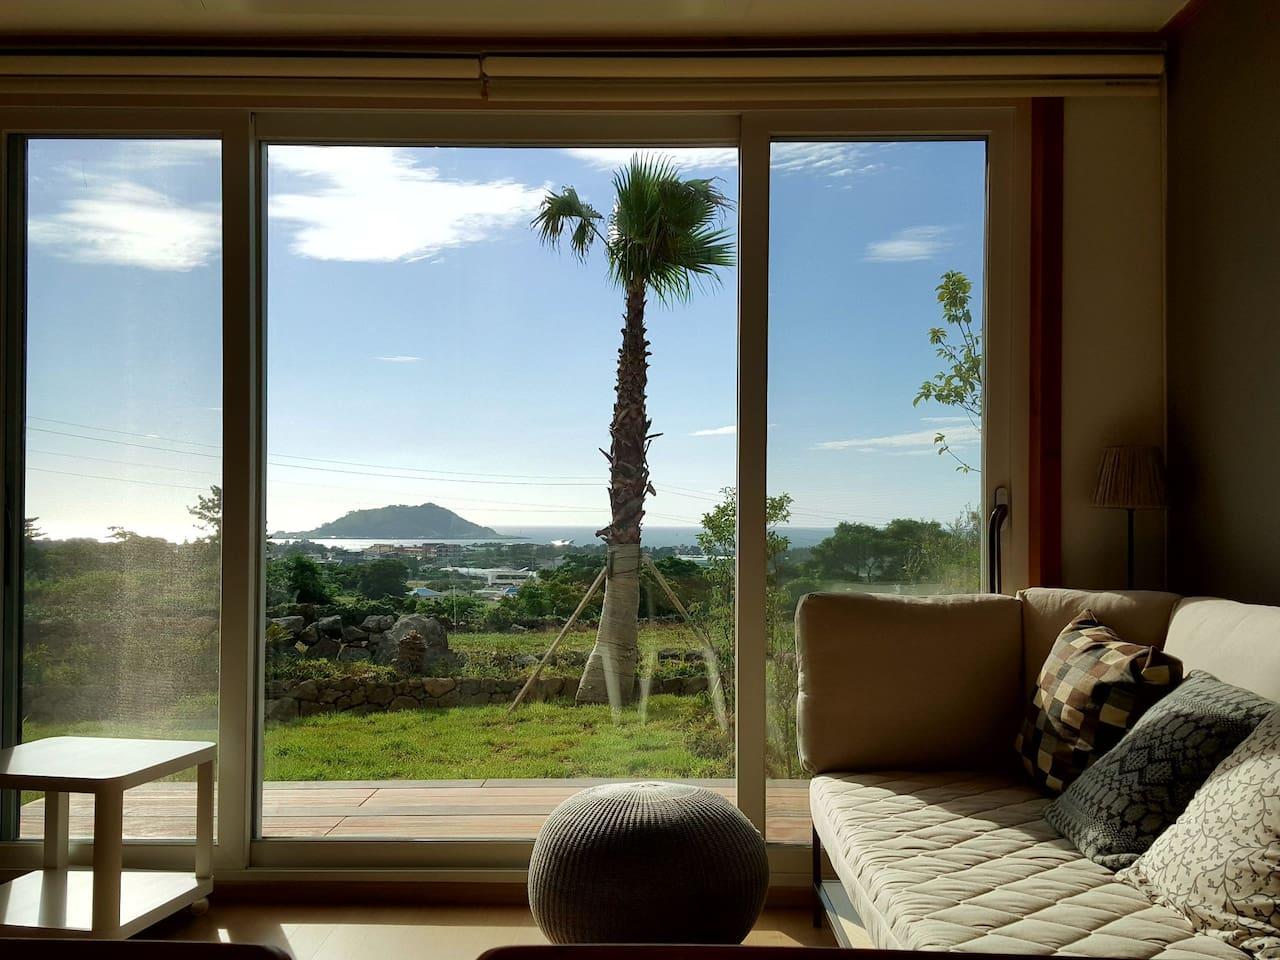 거실 창 밖으로 비양도와 협재바다가 보여요.